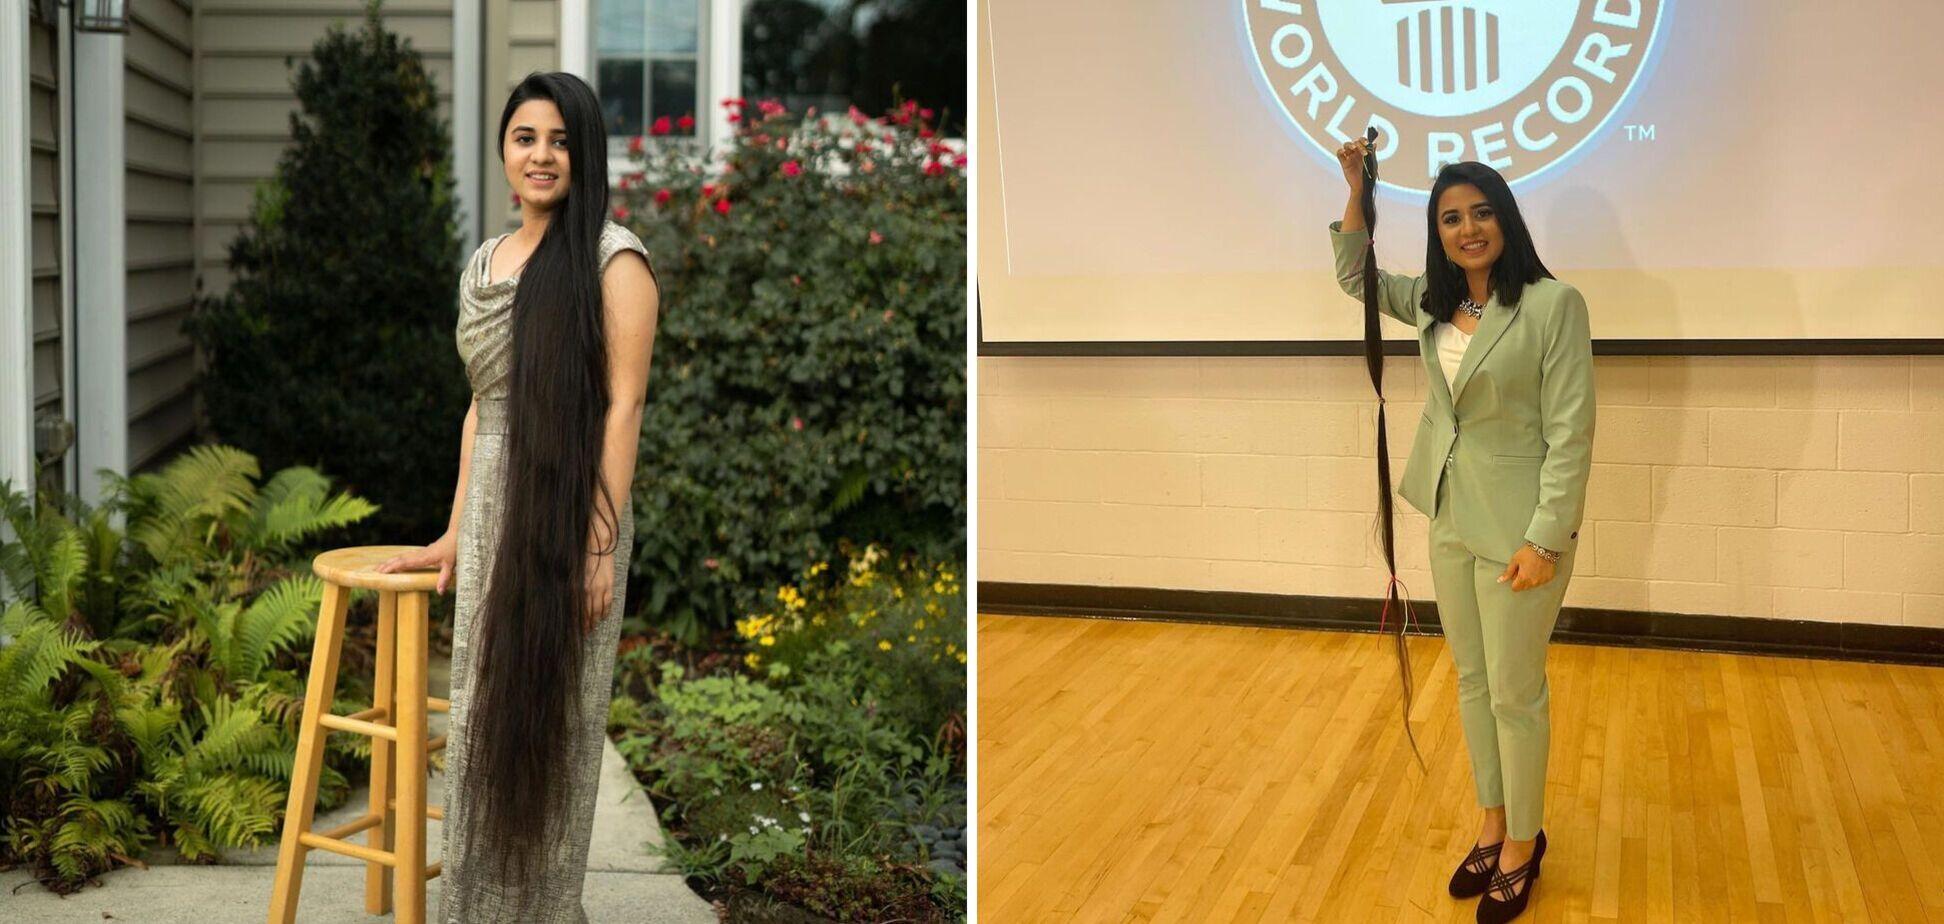 Мешканка США відрізала майже 2 метри волосся і потрапила в Книгу рекордів Гіннеса. Фото до і після